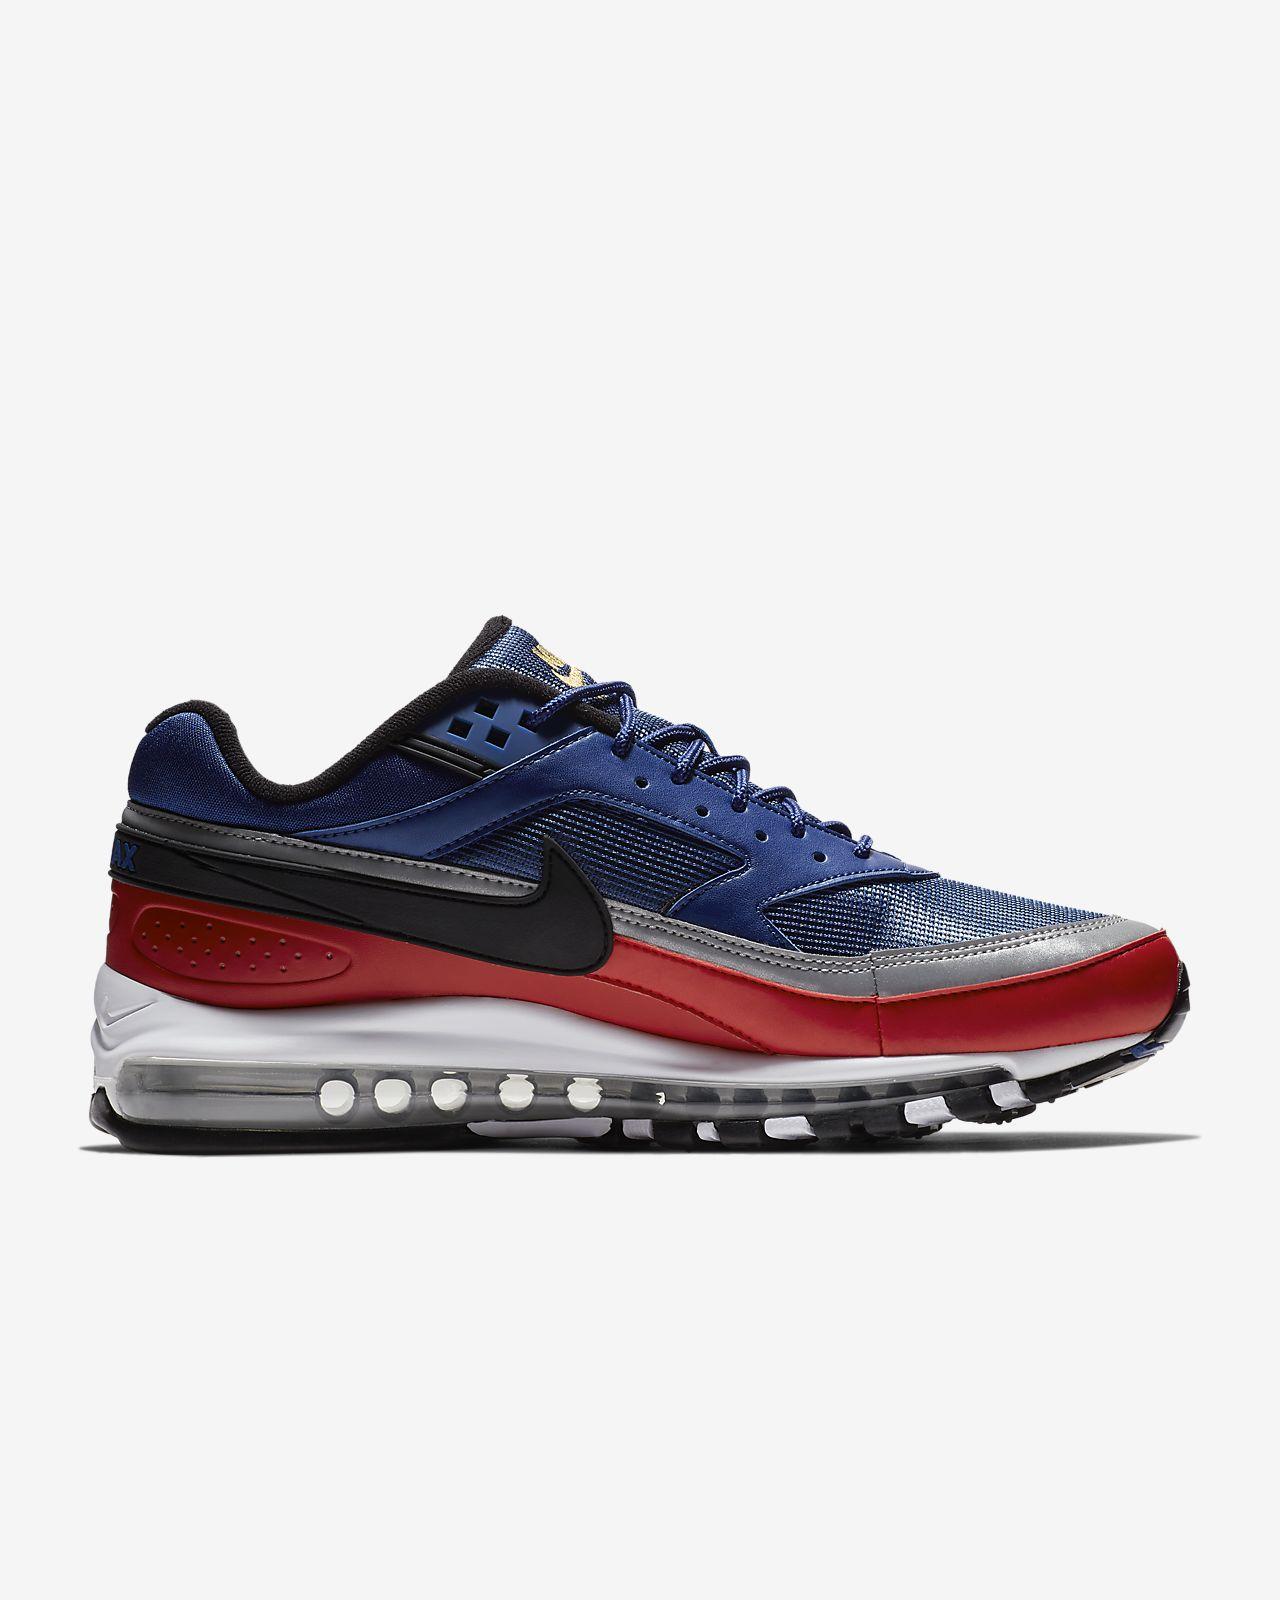 Nike Air Max Bw Premium (Team RedVanchetta Tan) Sneaker